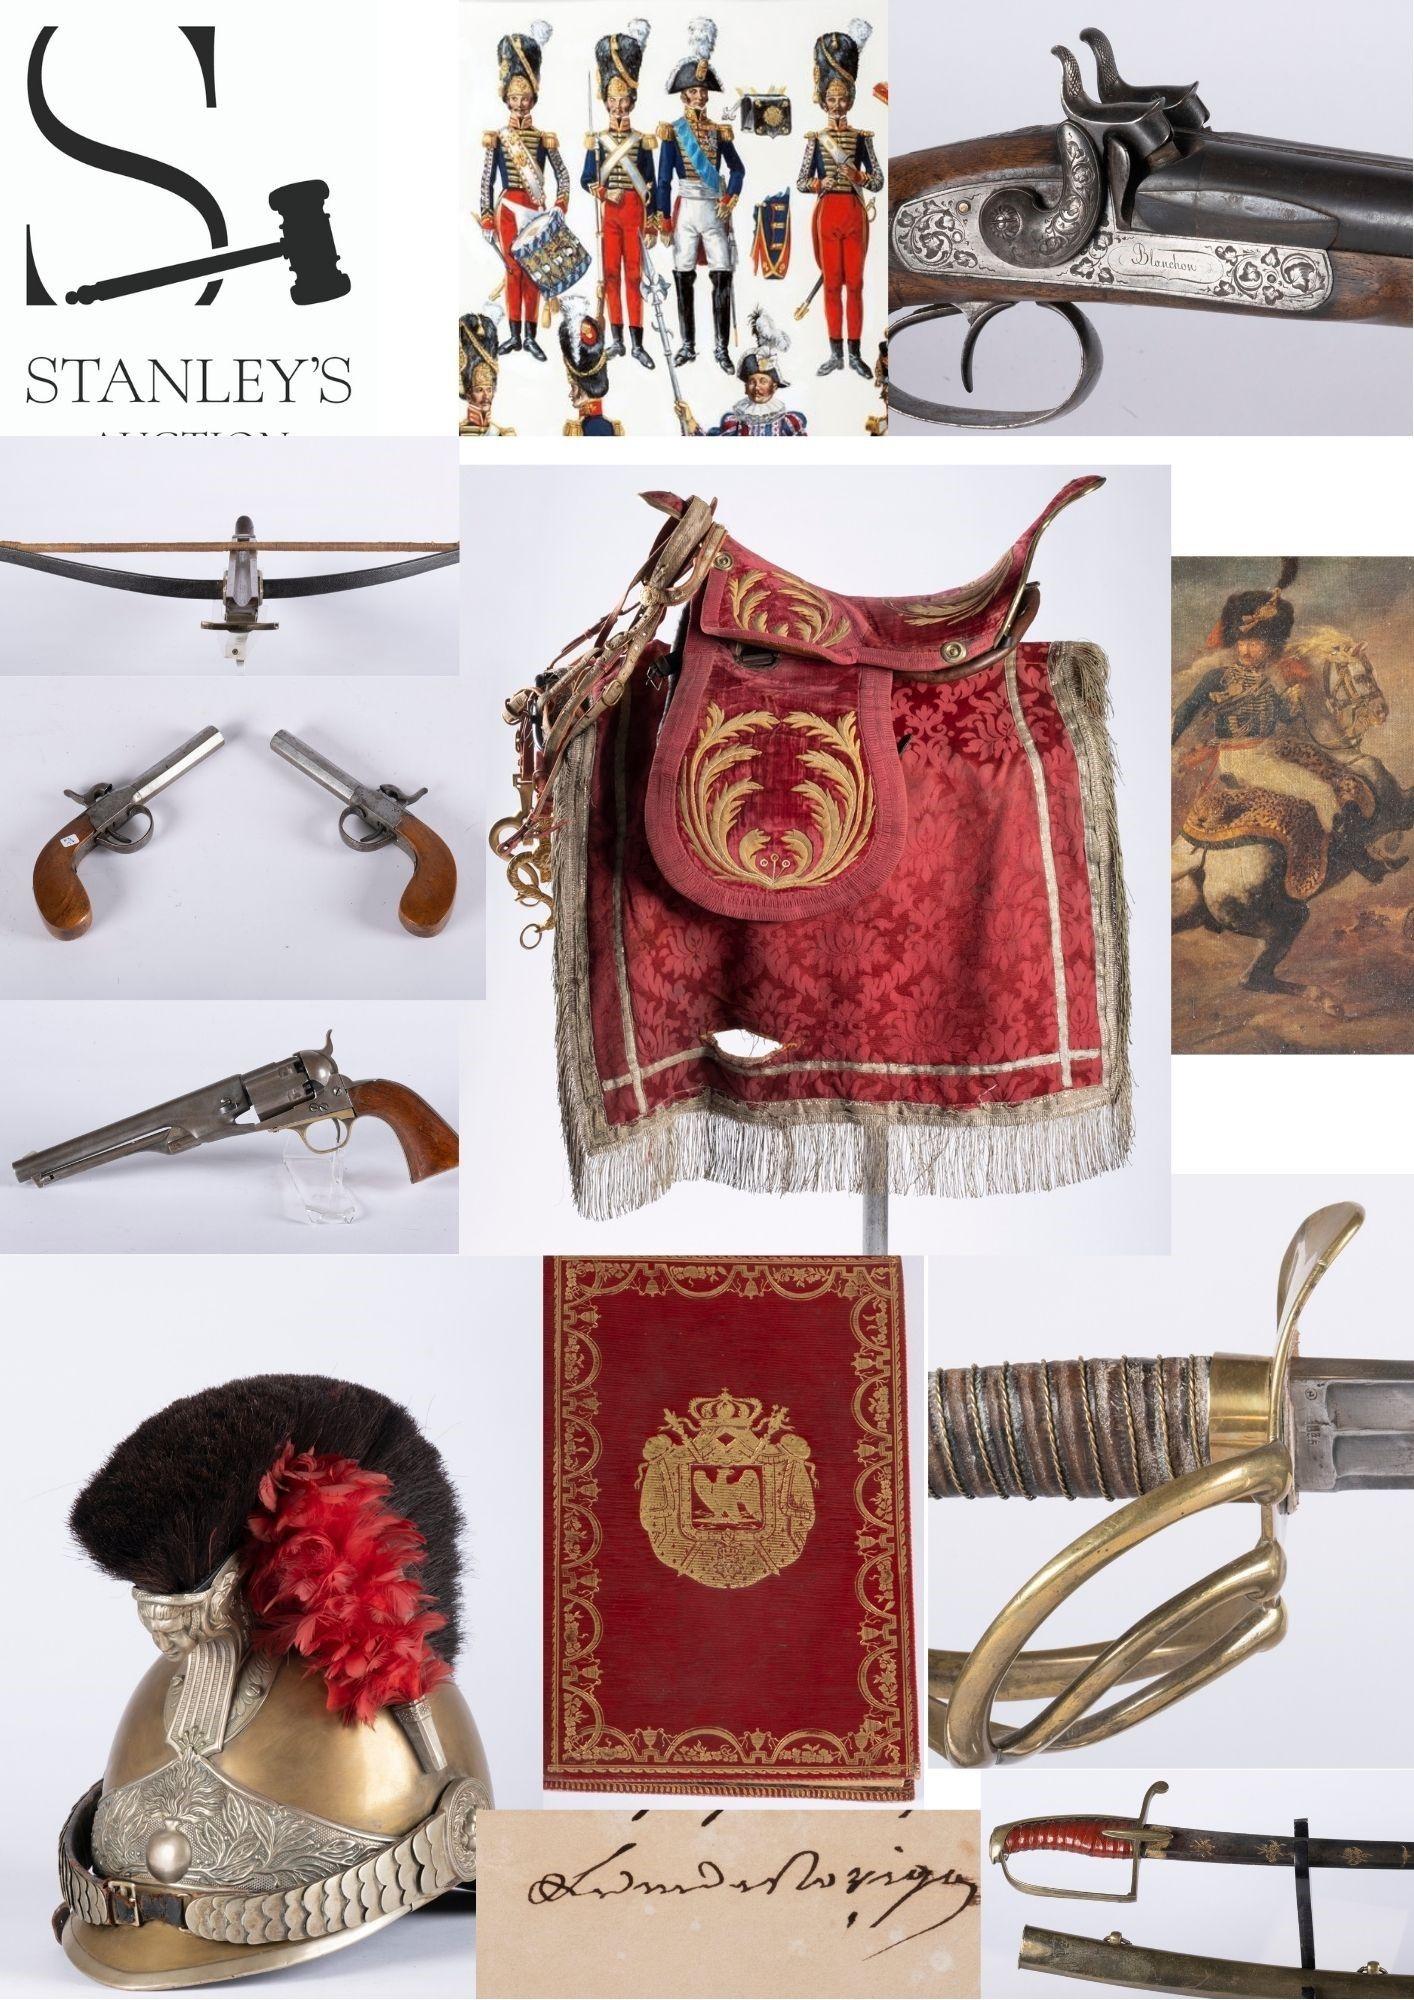 Vente Militaria & Histoire chez Stanley's Auction : 233 lots